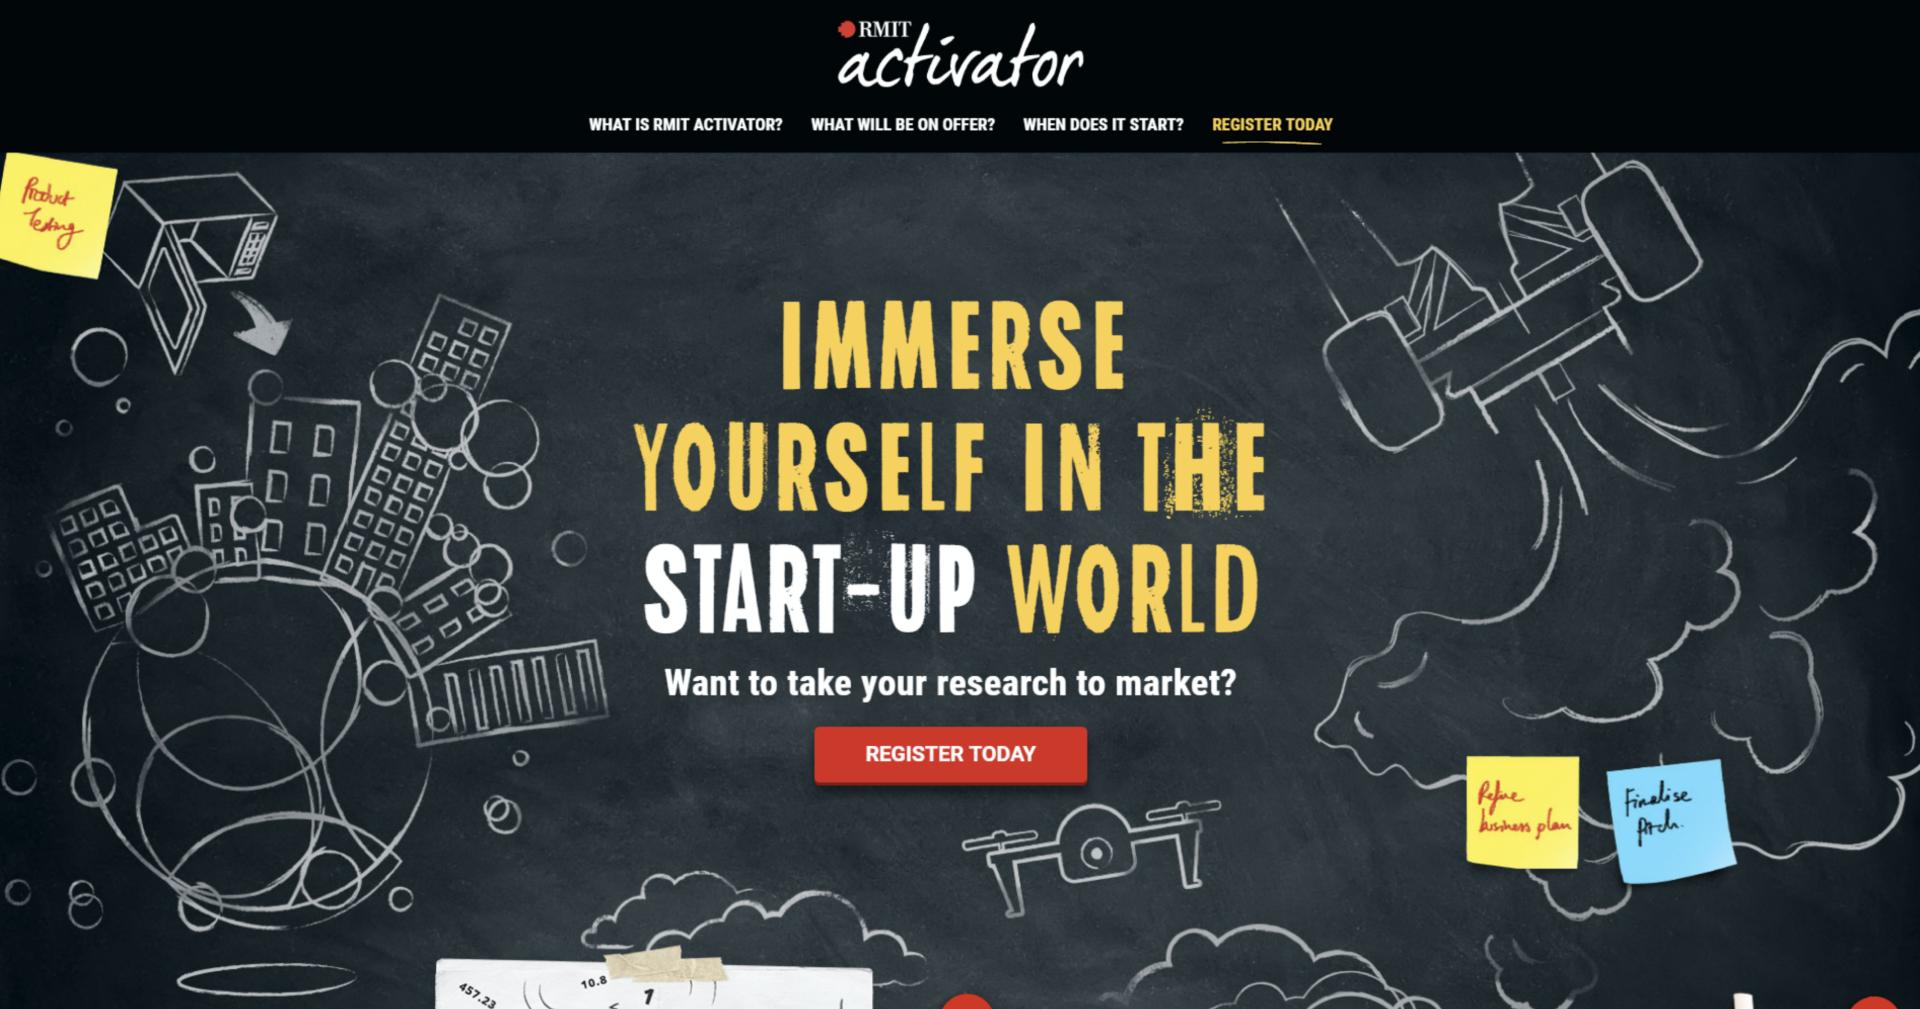 RMIT activator homepage